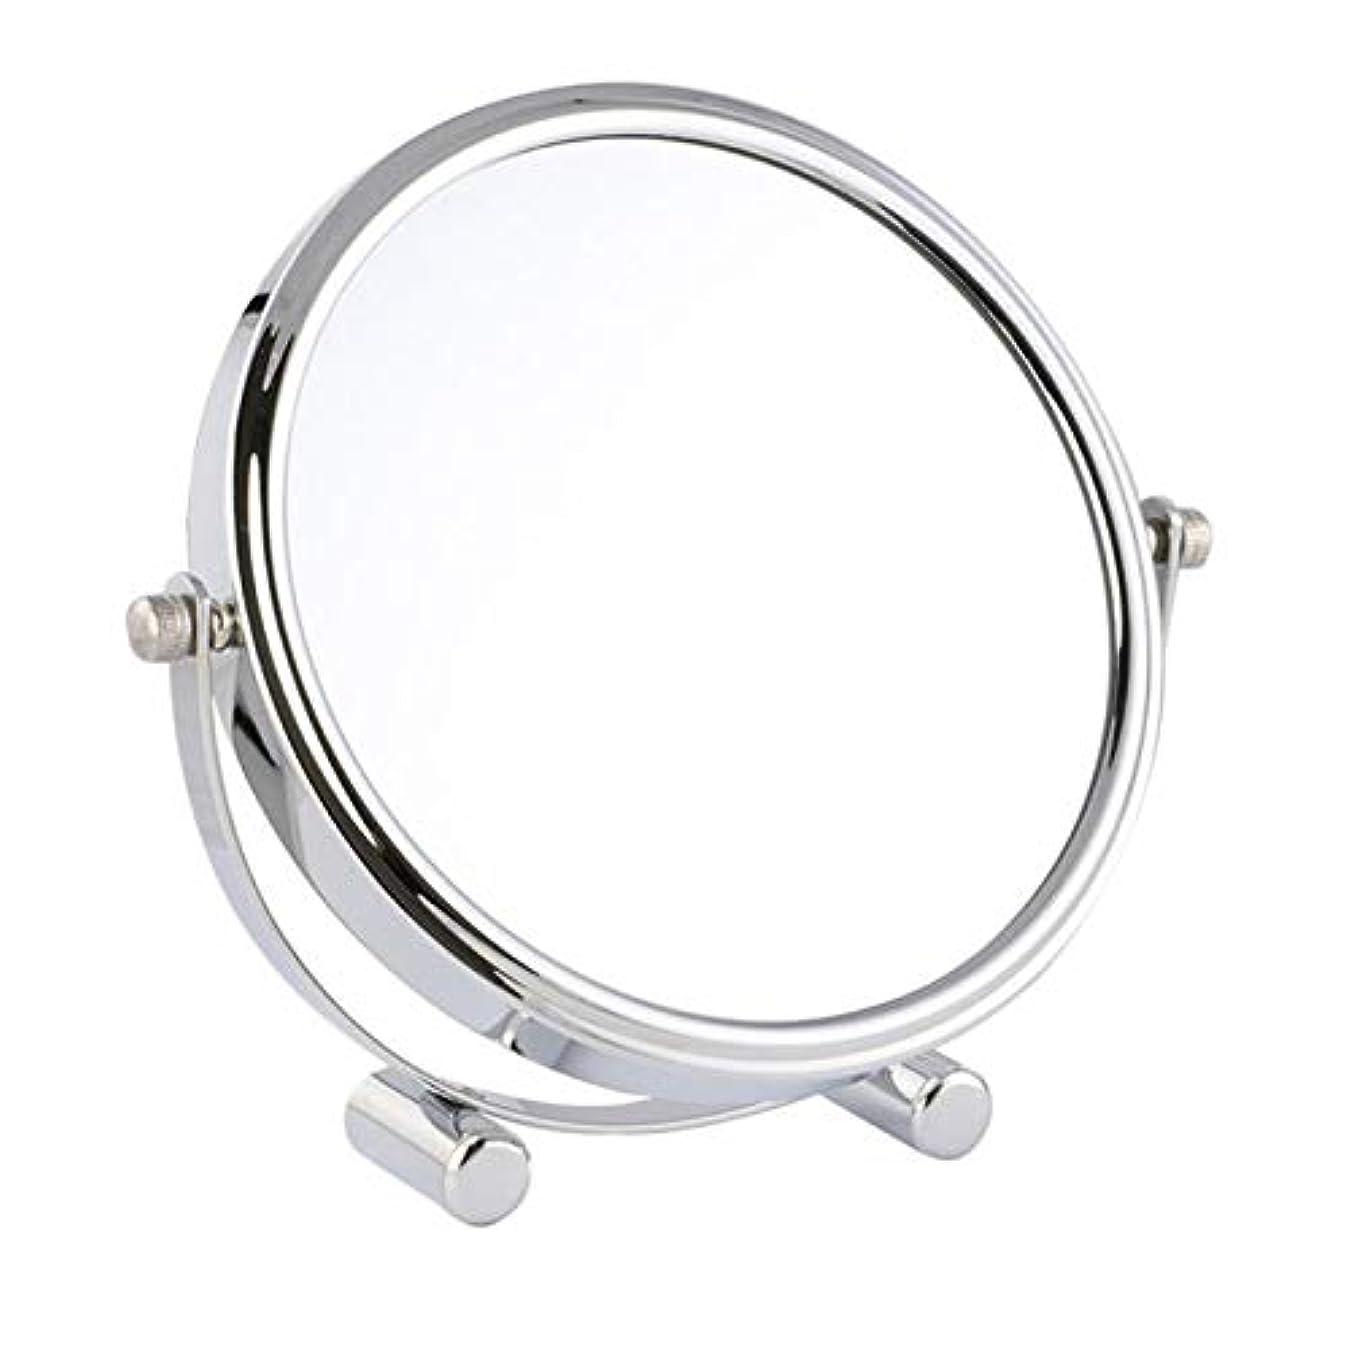 化粧鏡 女優ミラー けメイクミラー スタンドミラー 卓上鏡 化粧道具 両面鏡 片面2倍 拡大鏡 360度回転 鏡面直径17cm